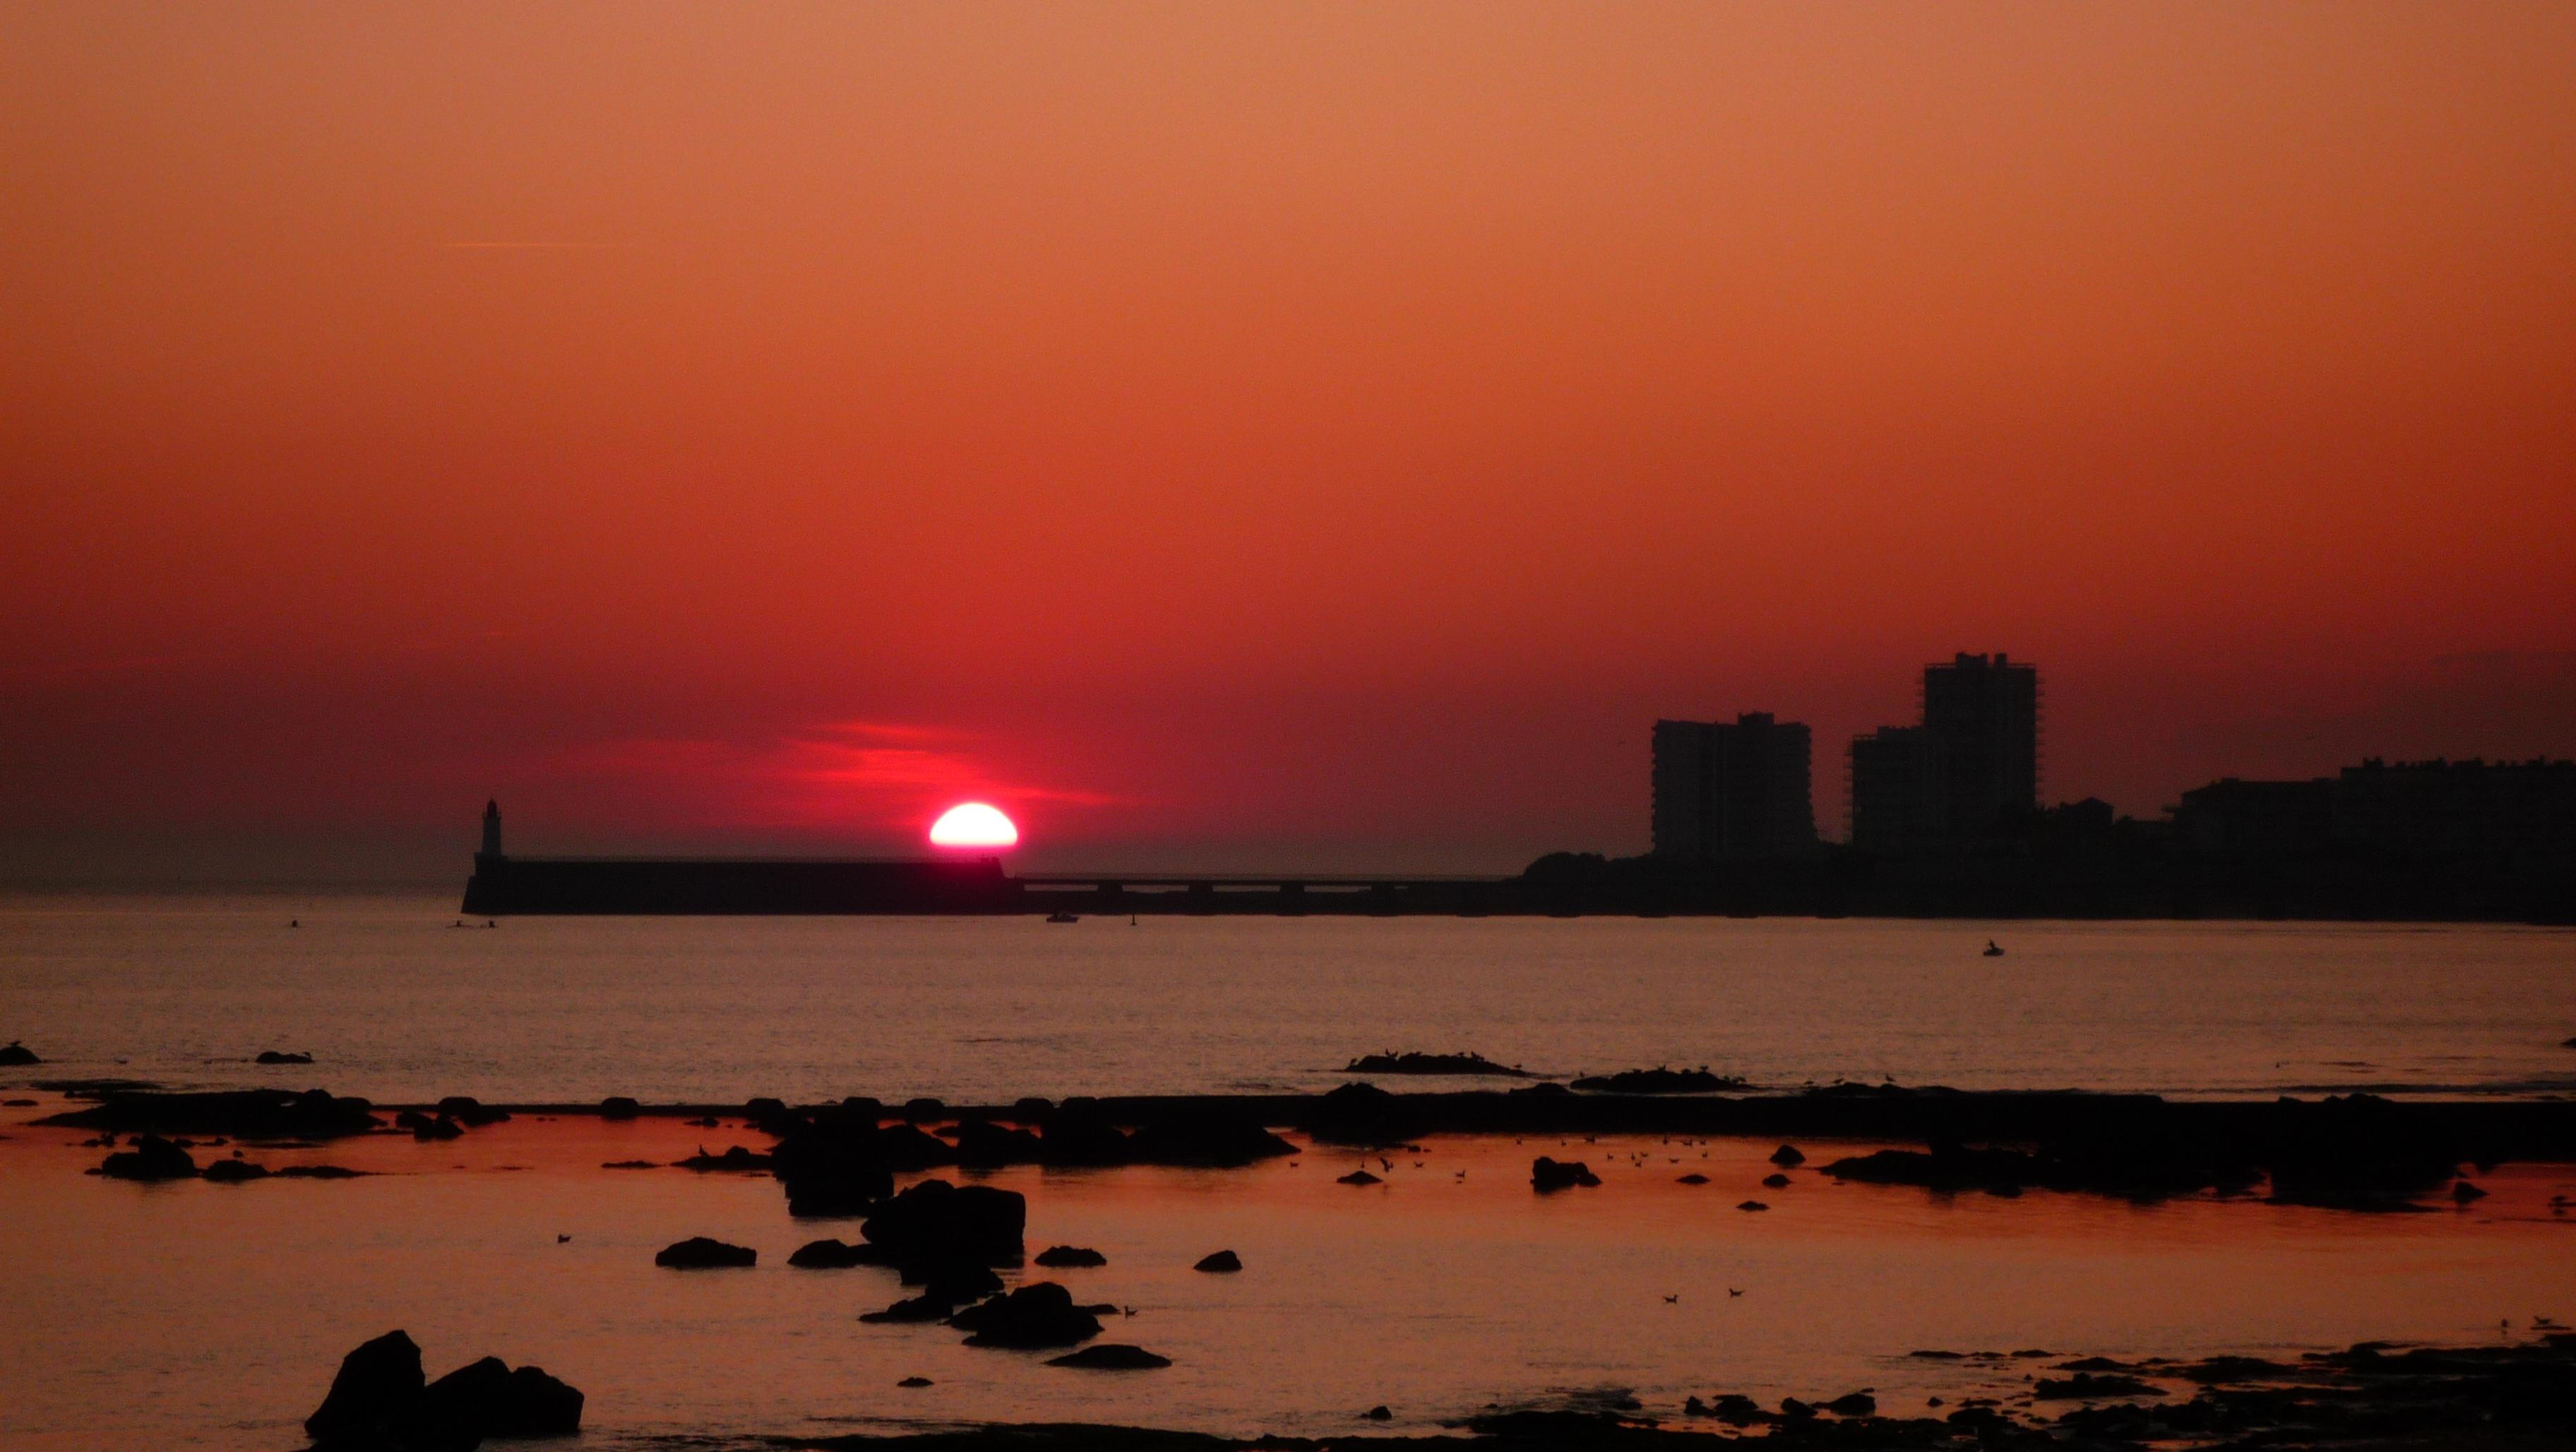 Pour ma famille heure de coucher du soleil octobre 2012 - Heure coucher soleil lille ...